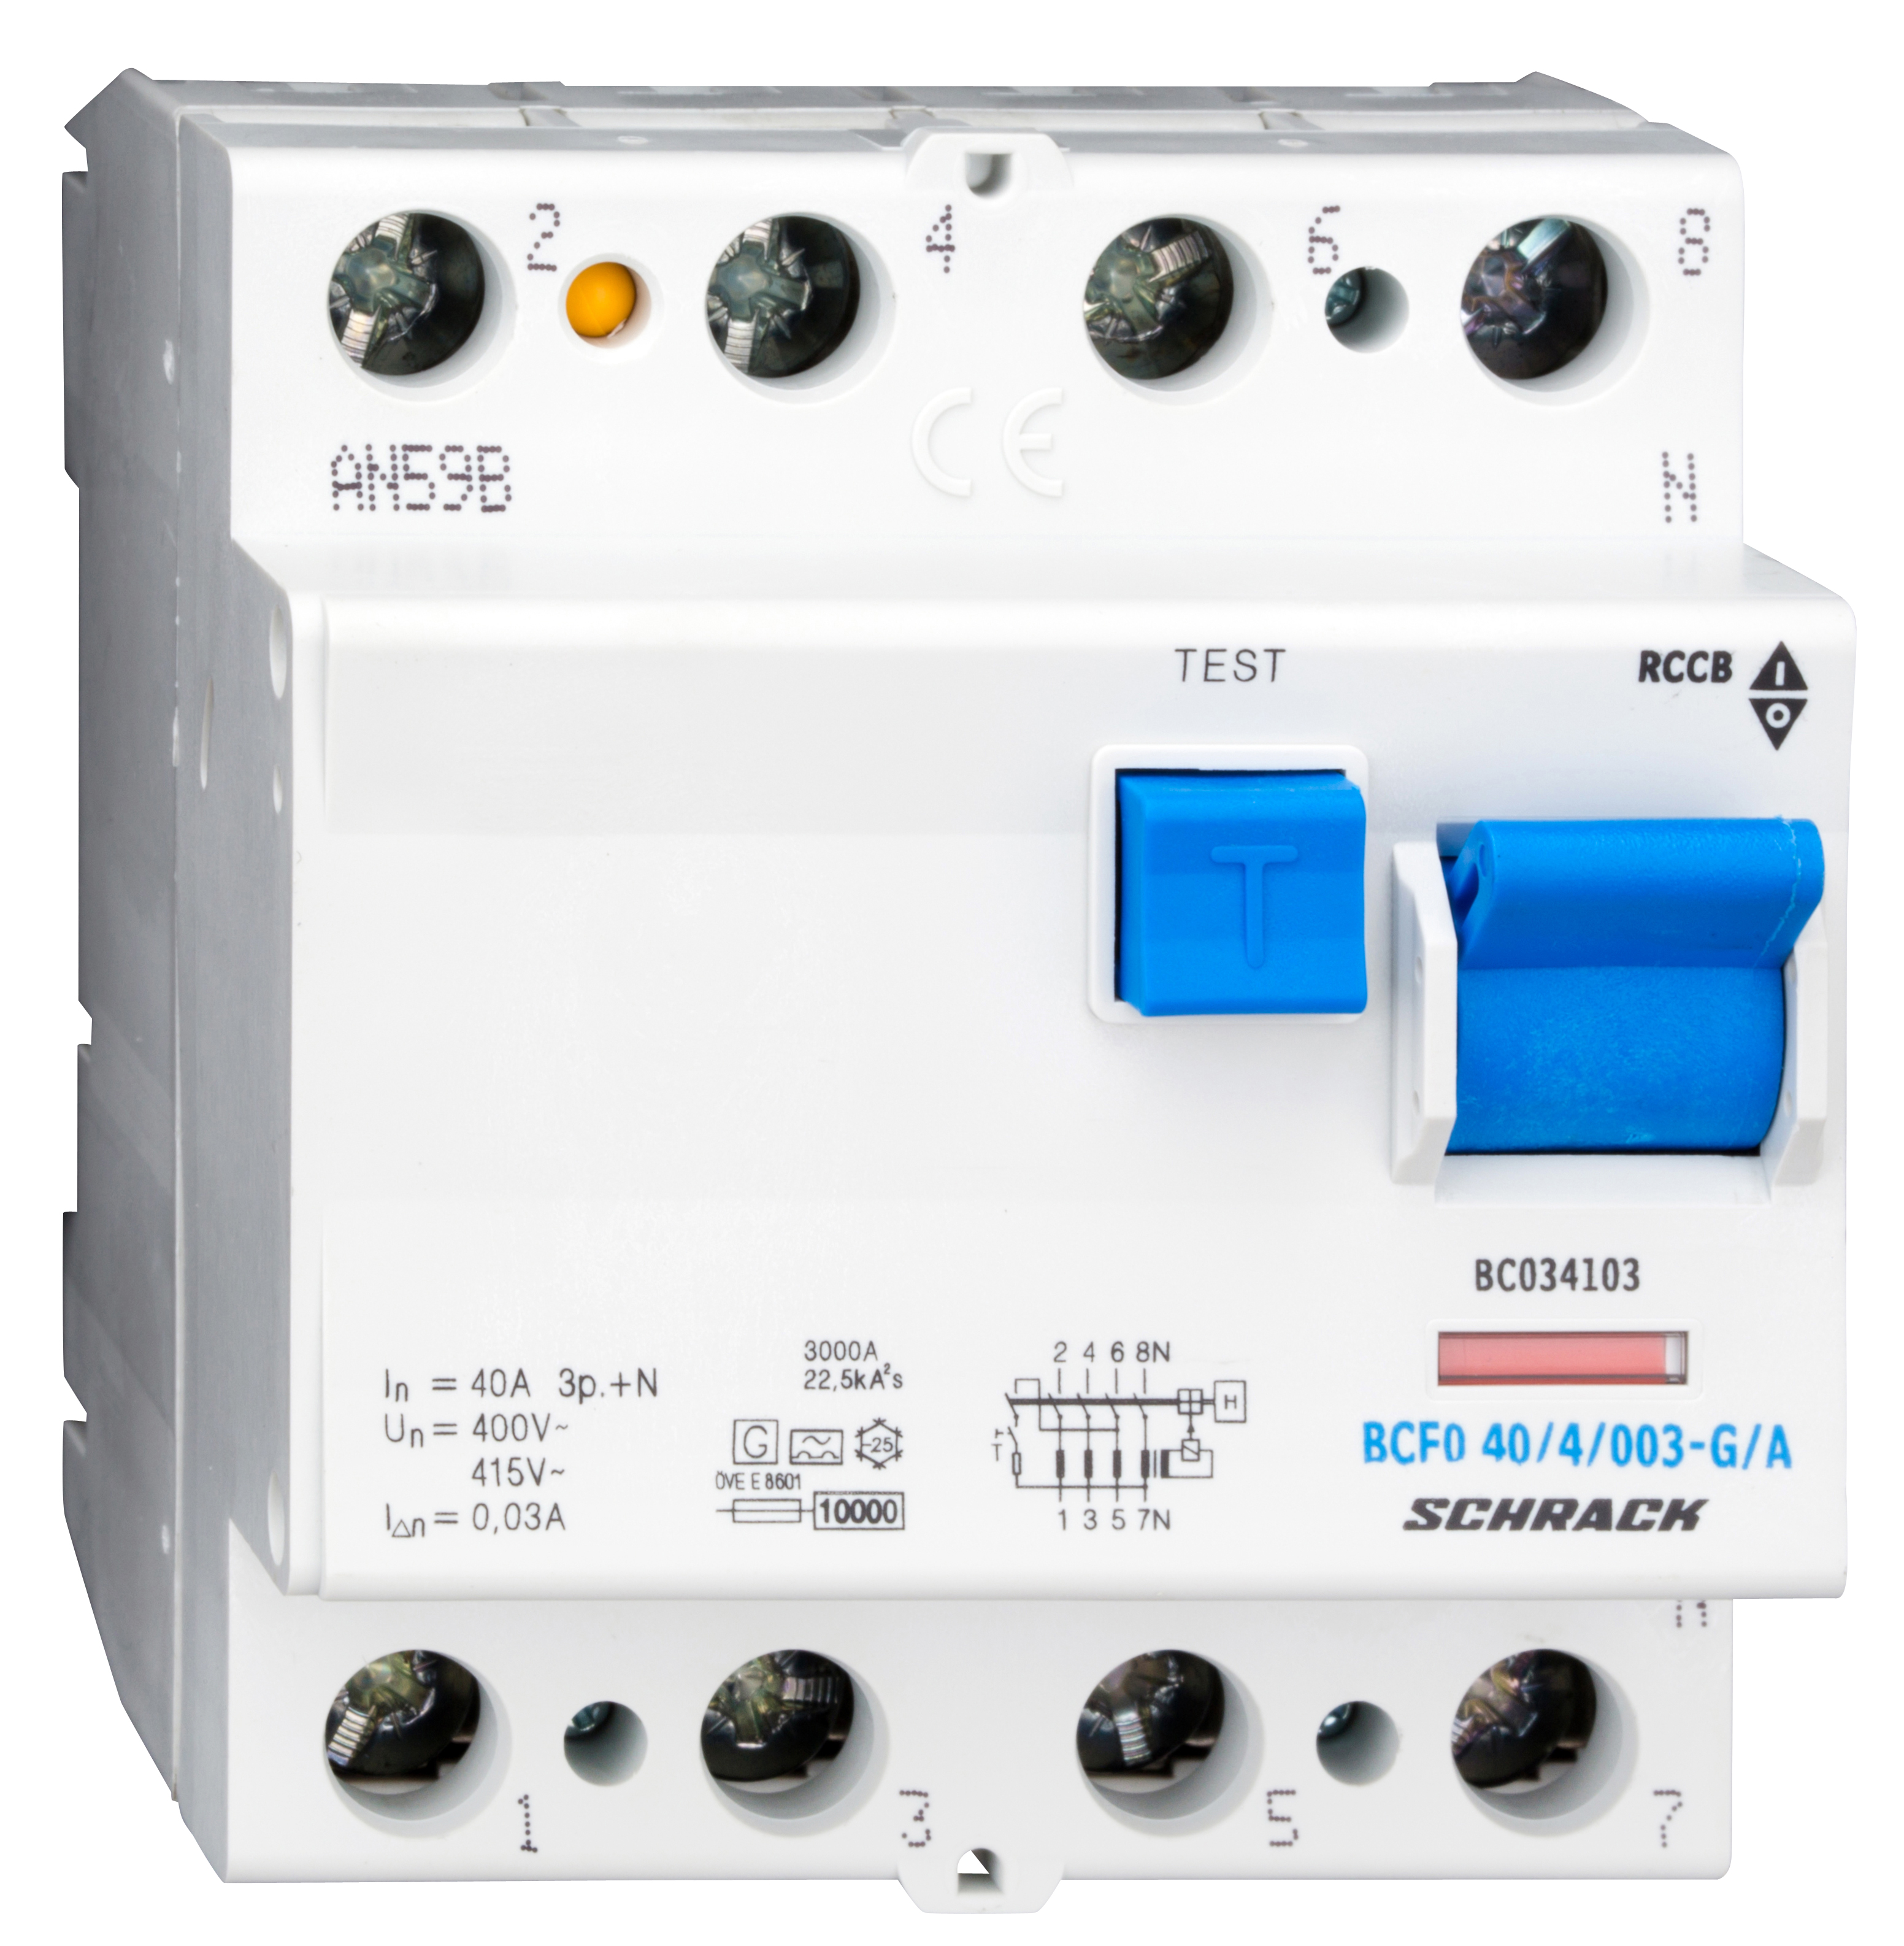 1 Stk FI-Schalter, 40A, 4-polig, 30mA, Bauart G, Typ A (Puls) BC034103--